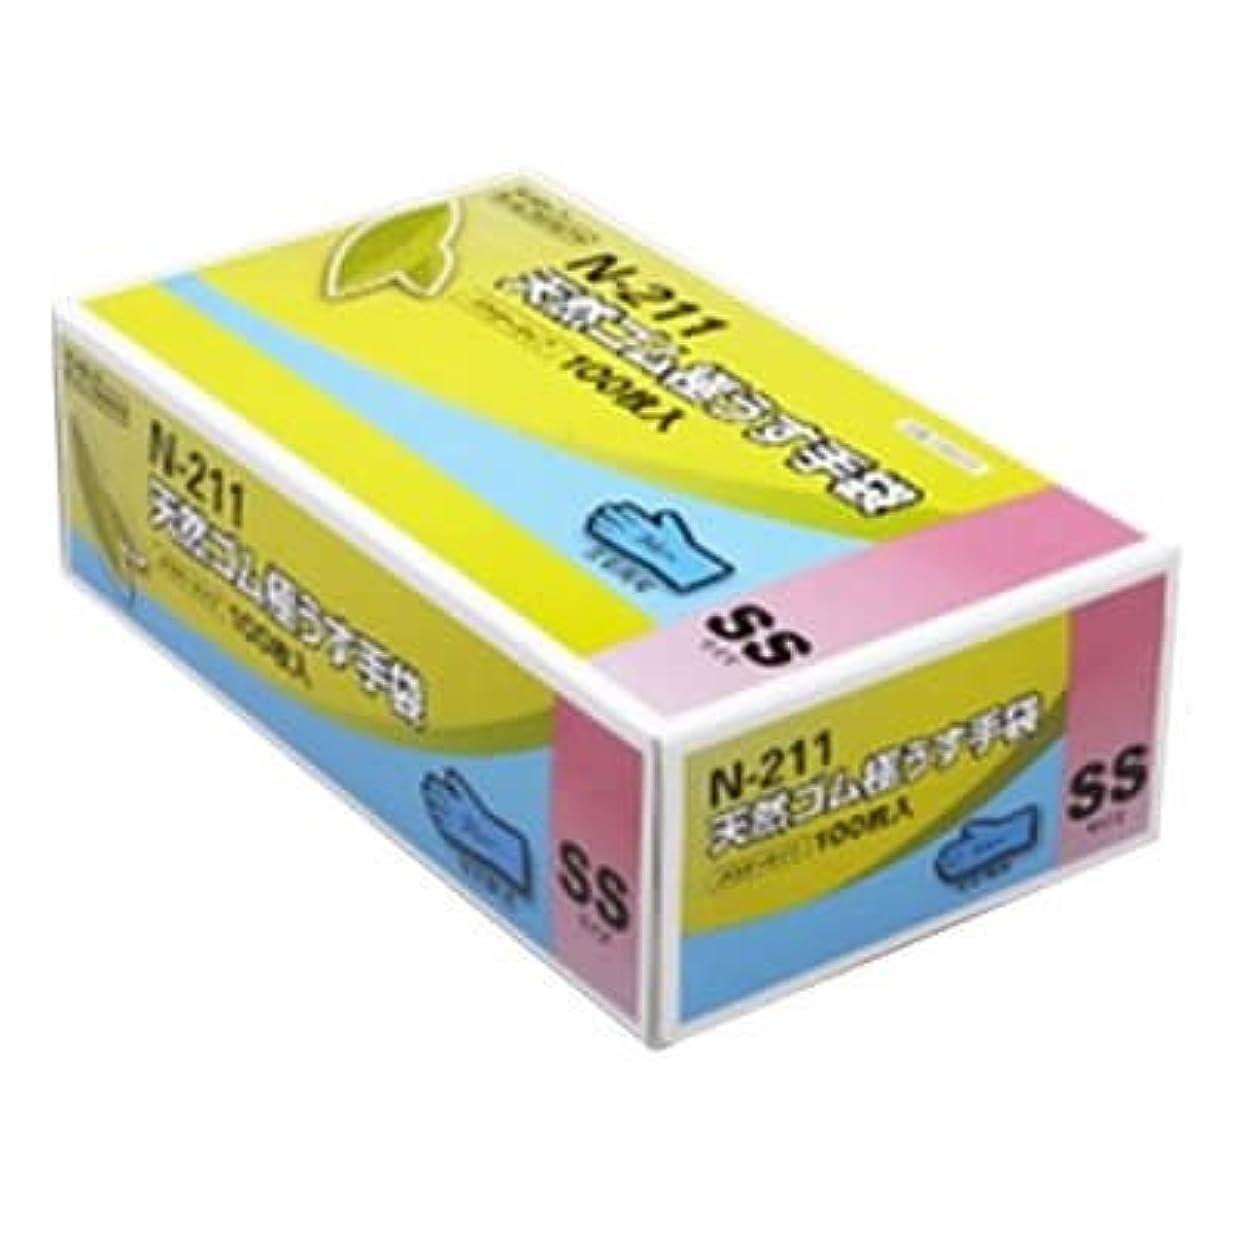 一掃する気分用語集【ケース販売】 ダンロップ 天然ゴム極うす手袋 N-211 SS ブルー (100枚入×20箱)